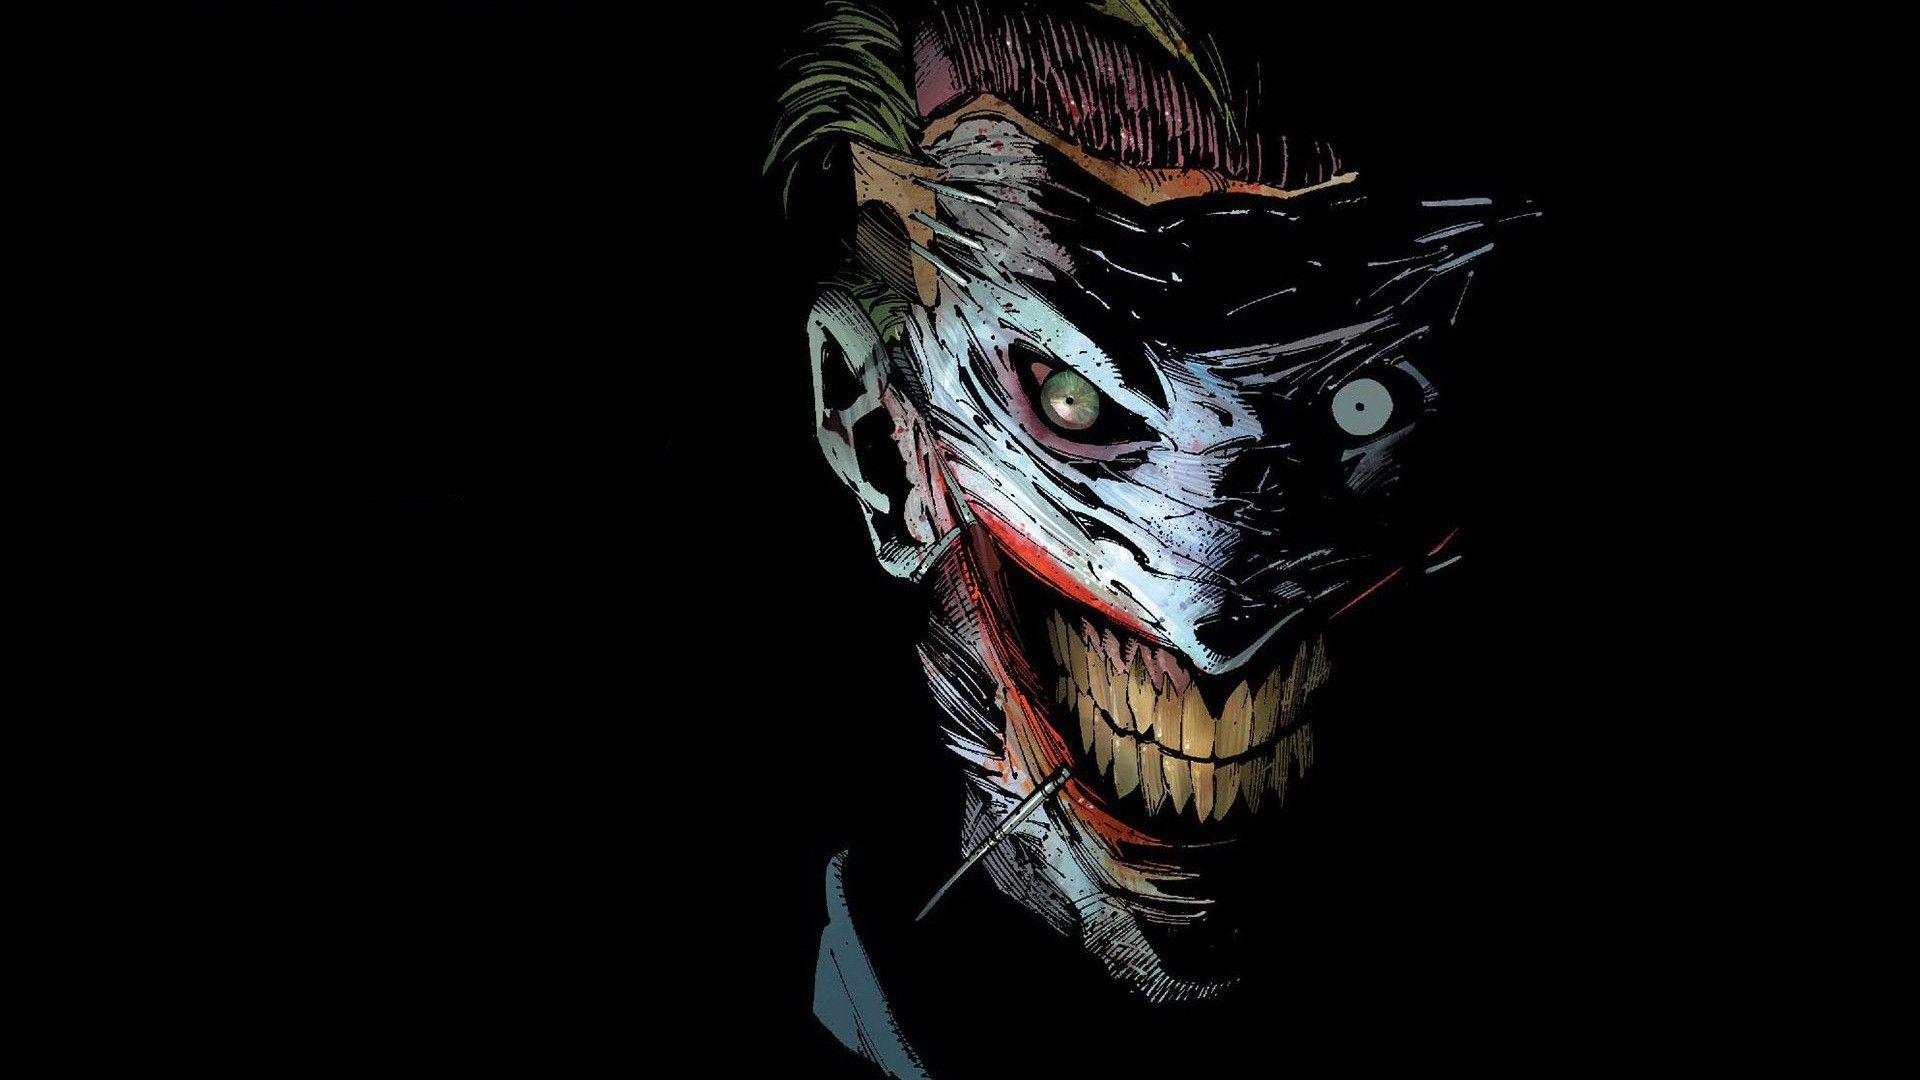 Joker Hd Wallpapers 1080P   HD Wallpapers Pretty 1920x1080